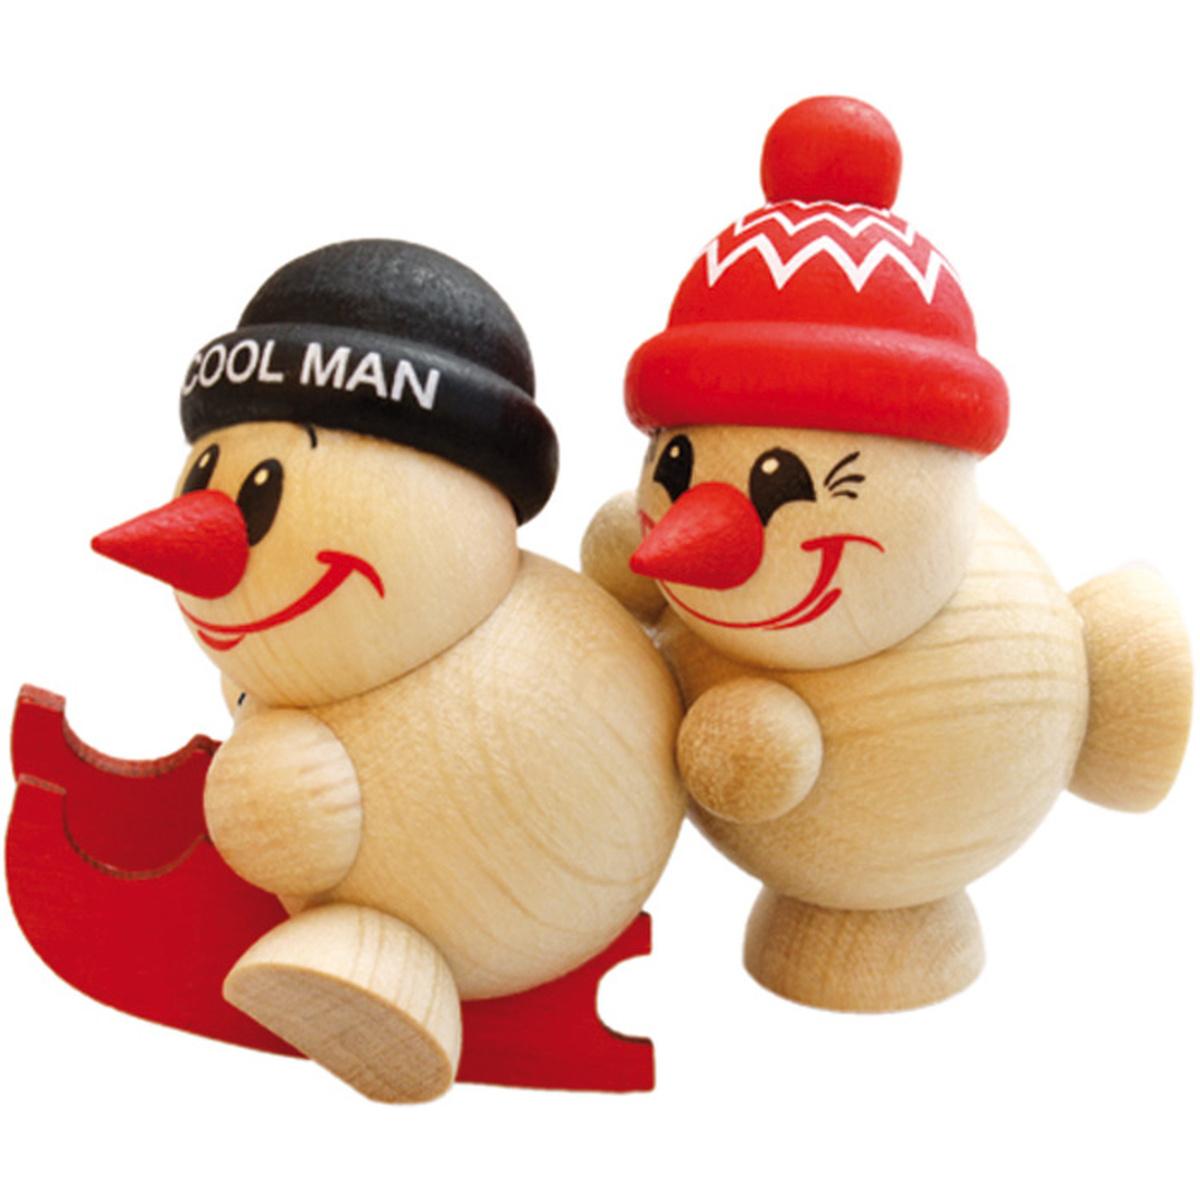 Kugelfiguren cool man duo freddy schiebt schlitten von karsten braune f r 14 5 kaufen - Weihnachtsdeko figuren ...